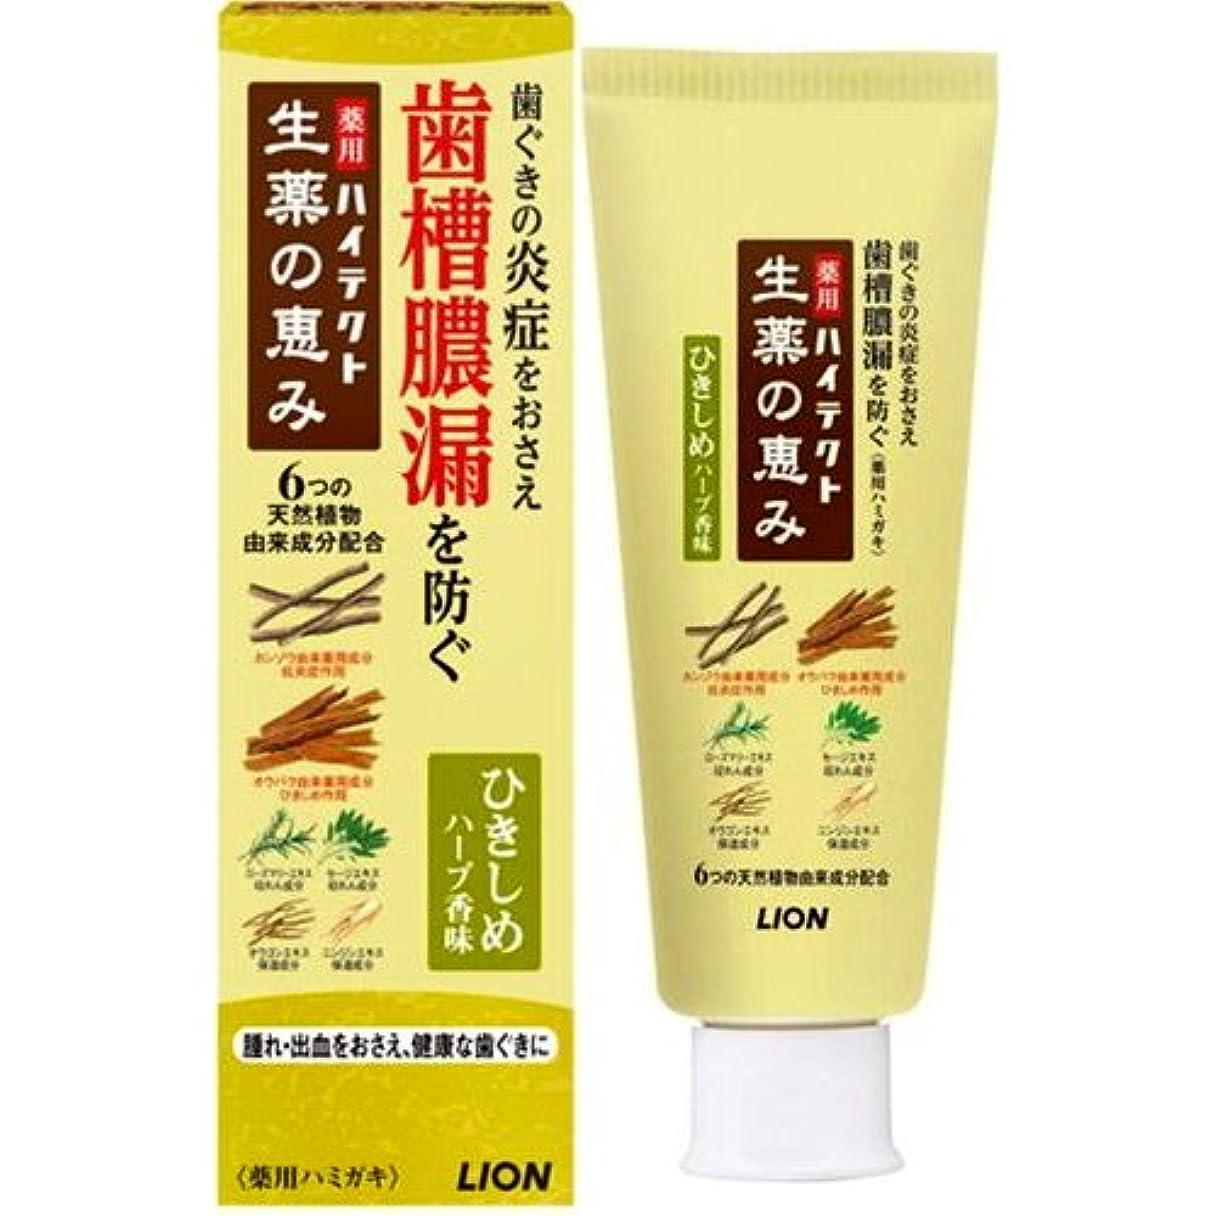 かすれたスタイルサーマル【ライオン】ハイテクト 生薬の恵み ひきしめハーブ香味 90g ×3個セット